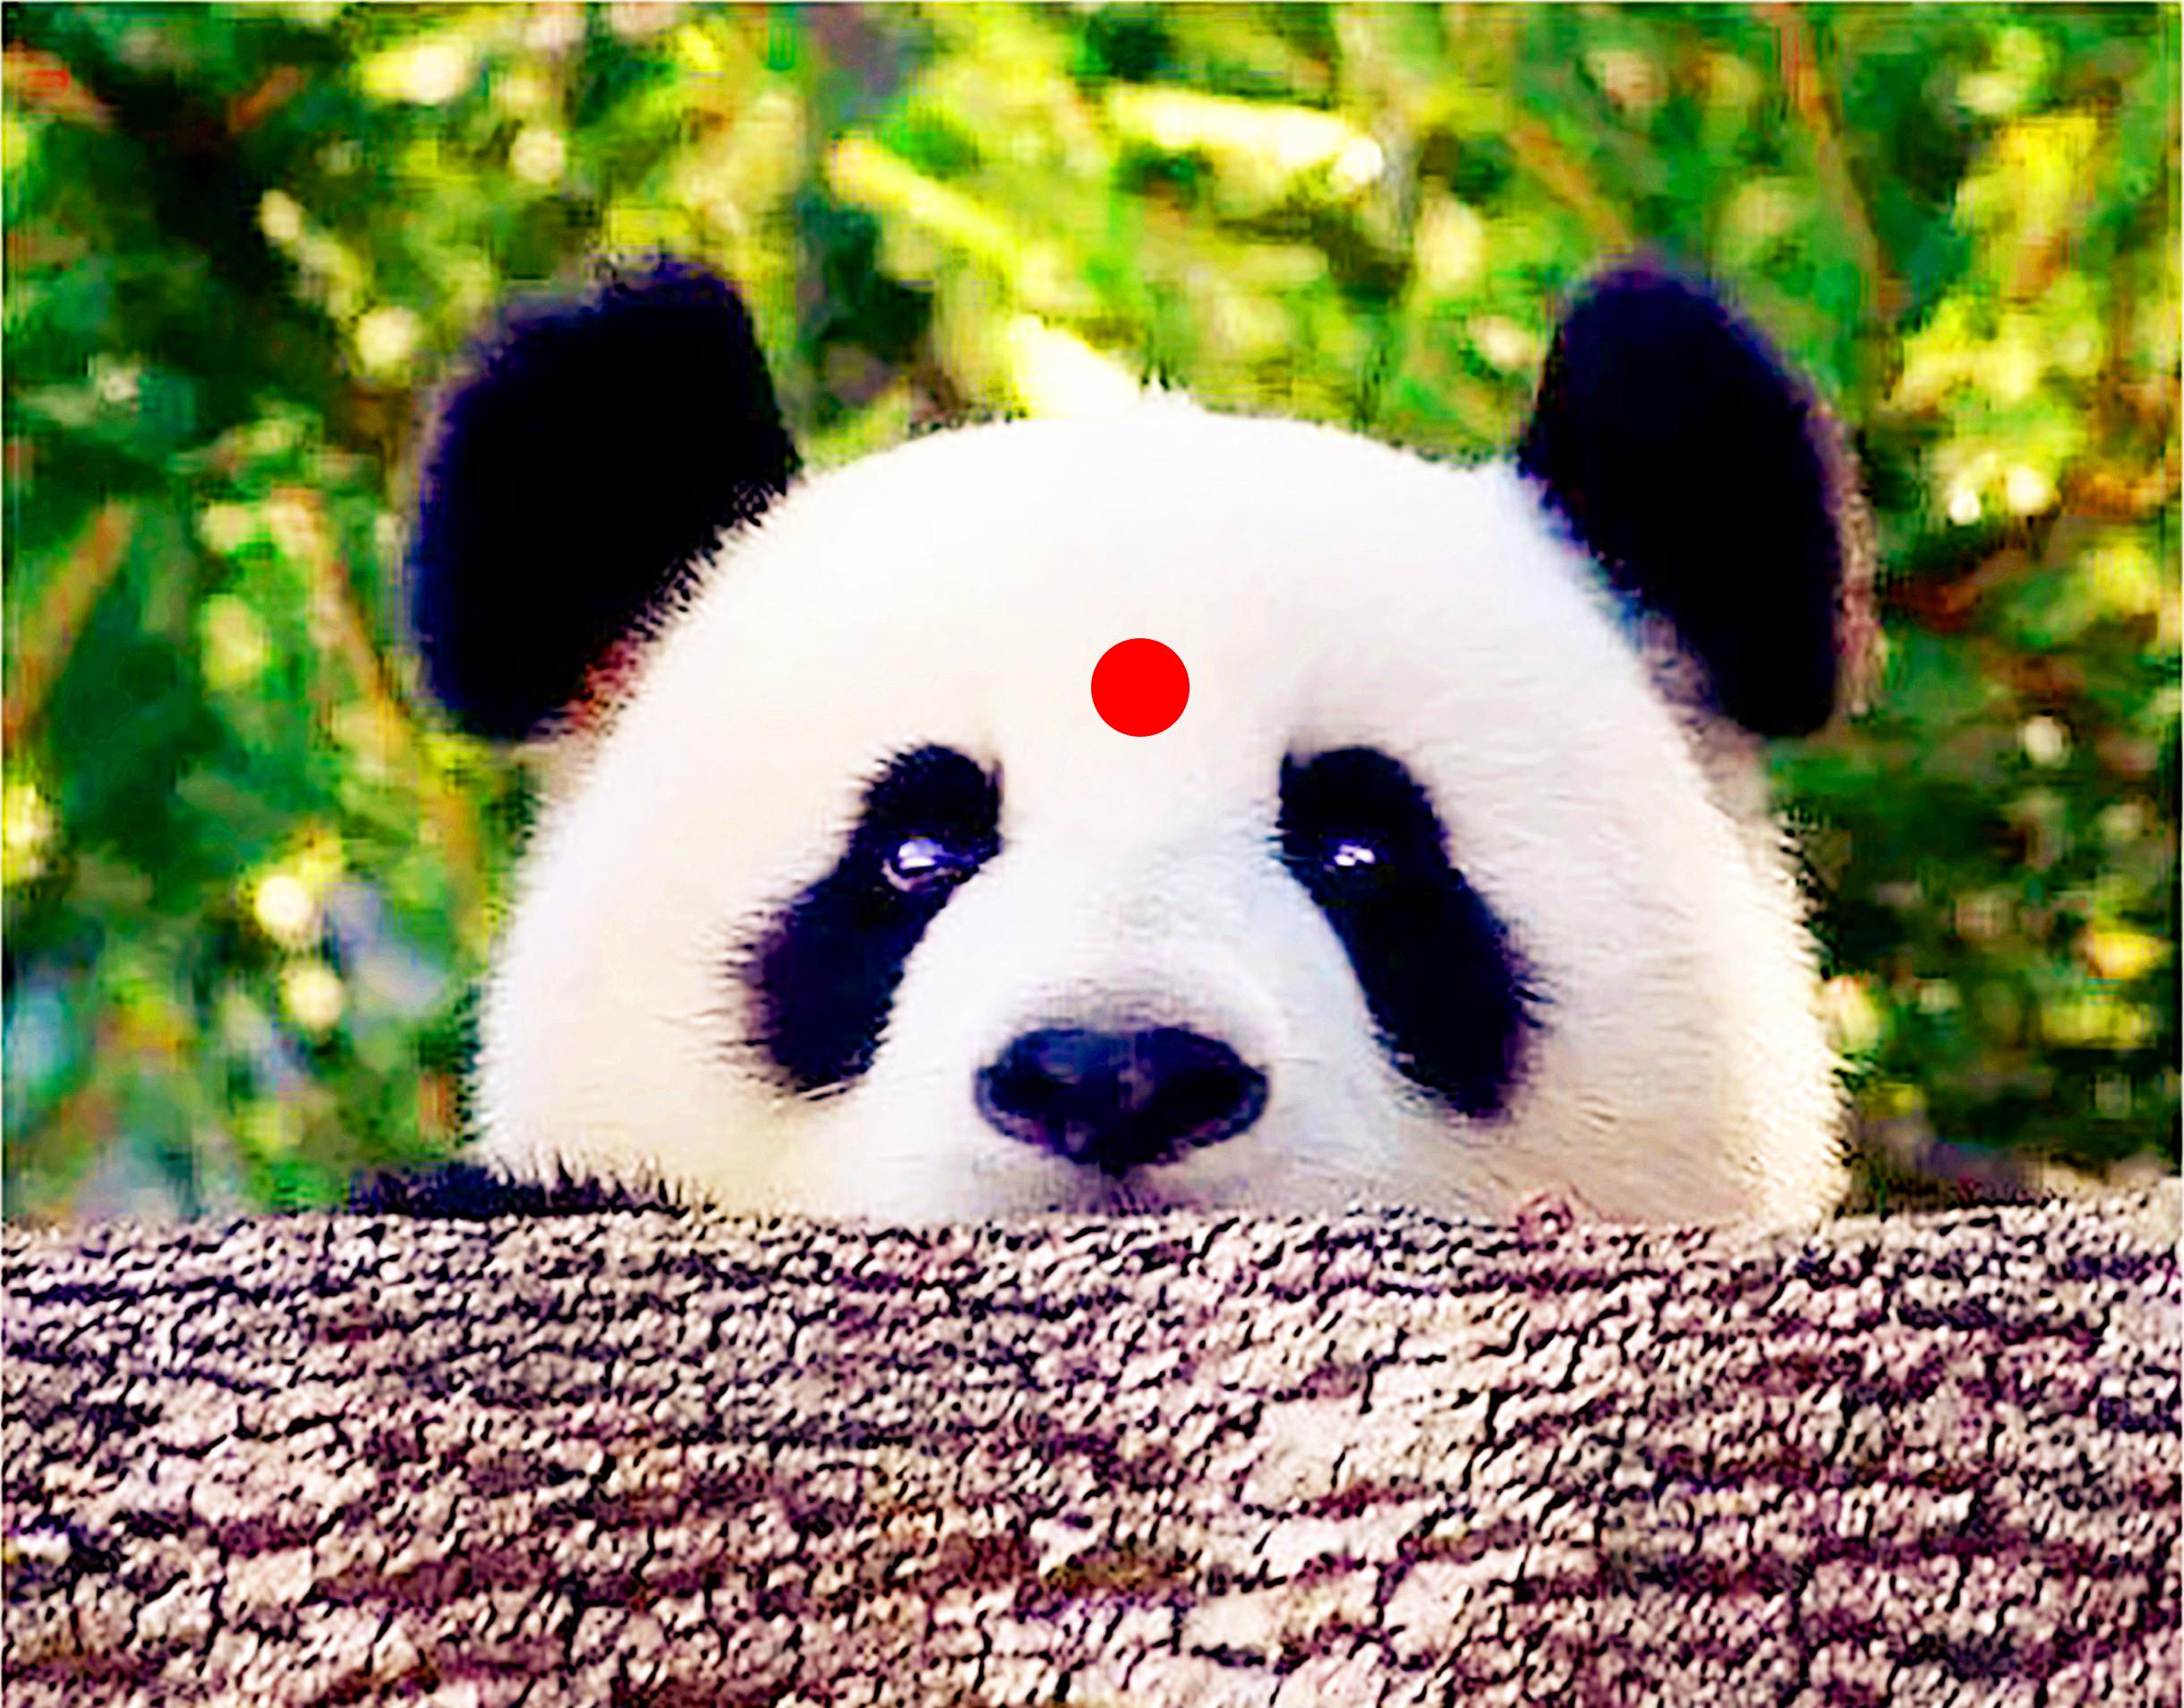 成都大熊貓繁育研究基地+都江堰景區一日遊(8點小團+分餐制美食+專車接早)